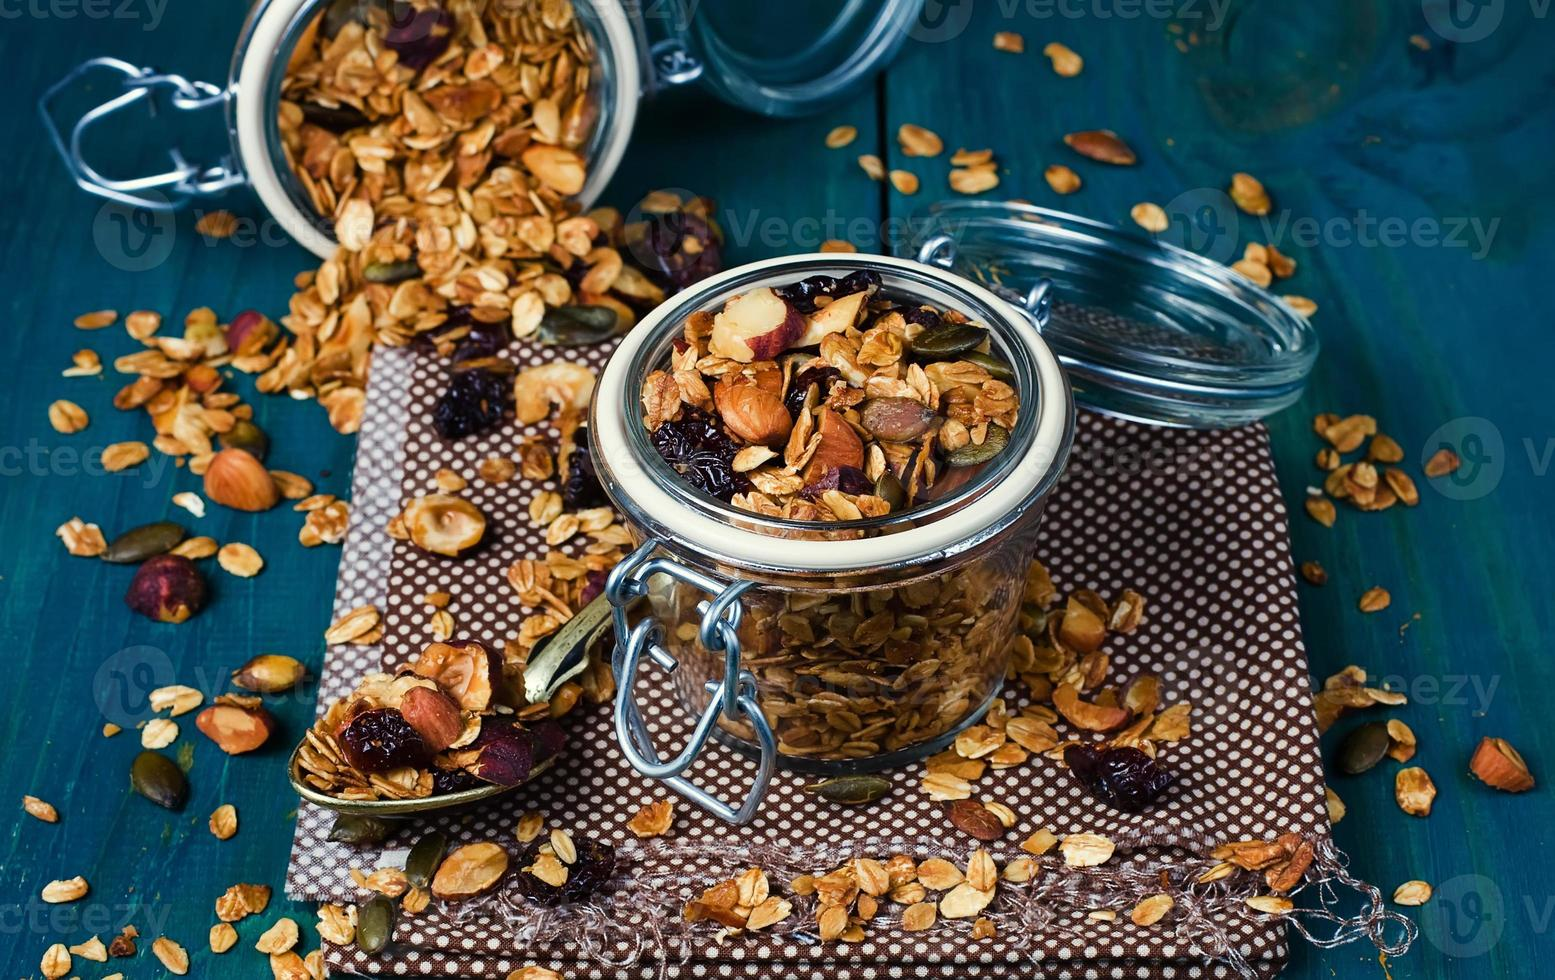 gezonde zelfgemaakte muesli met noten en gedroogde veenbessen foto